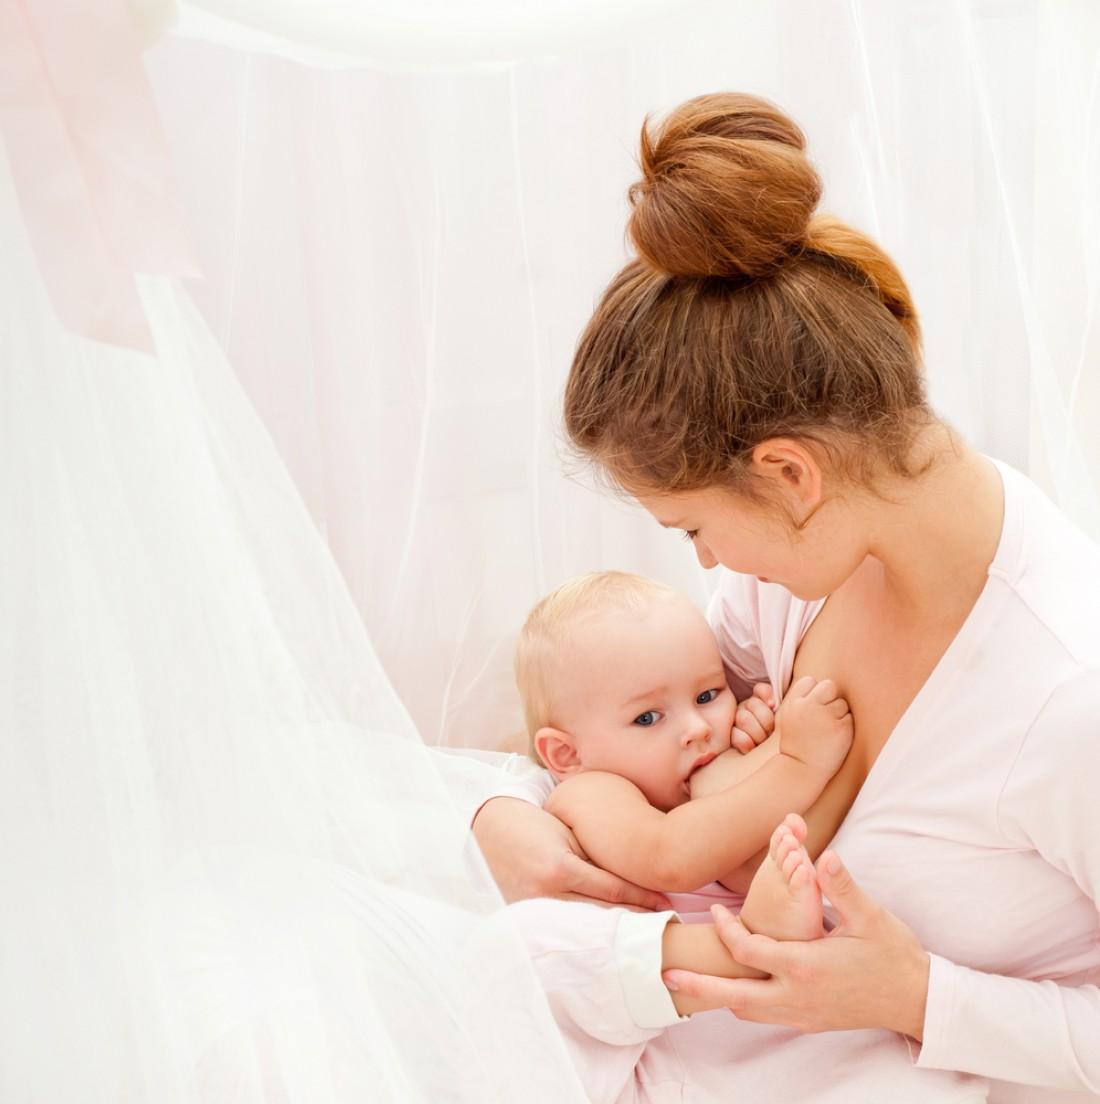 Кормление новорождённого ребёнка   уроки для мам